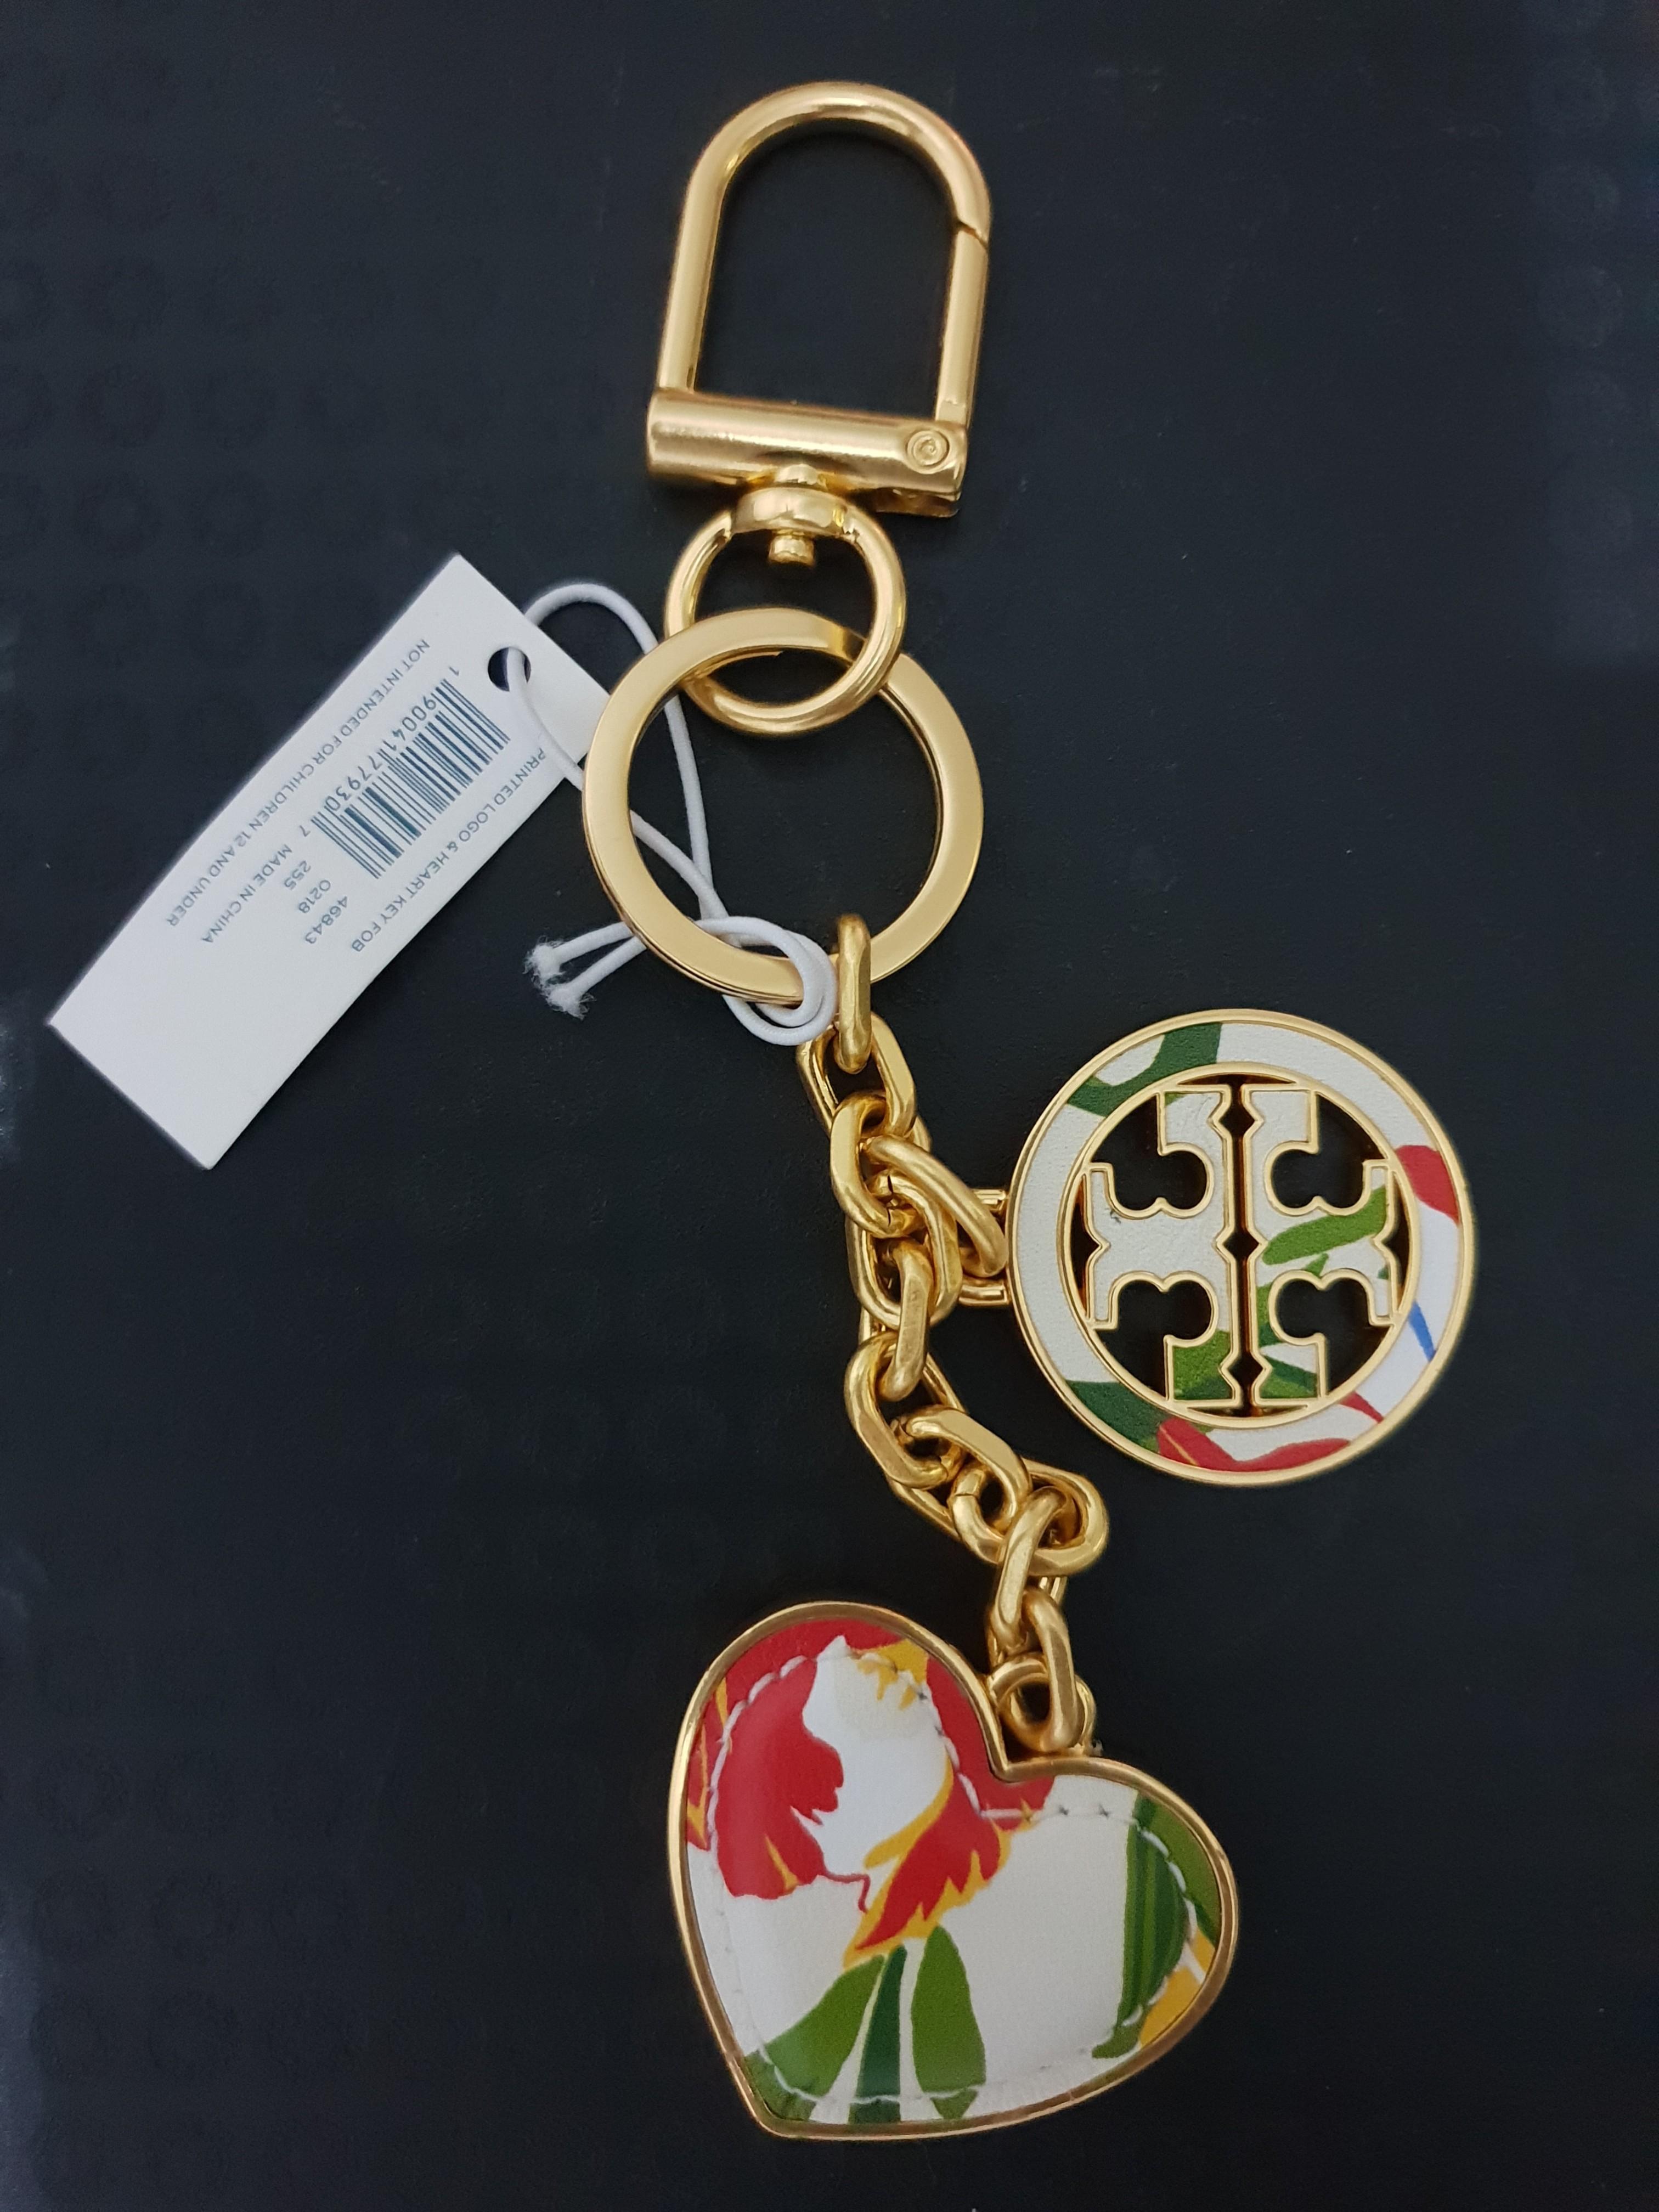 07afa65ba34 New! Pretty Tory Burch Floral key charm